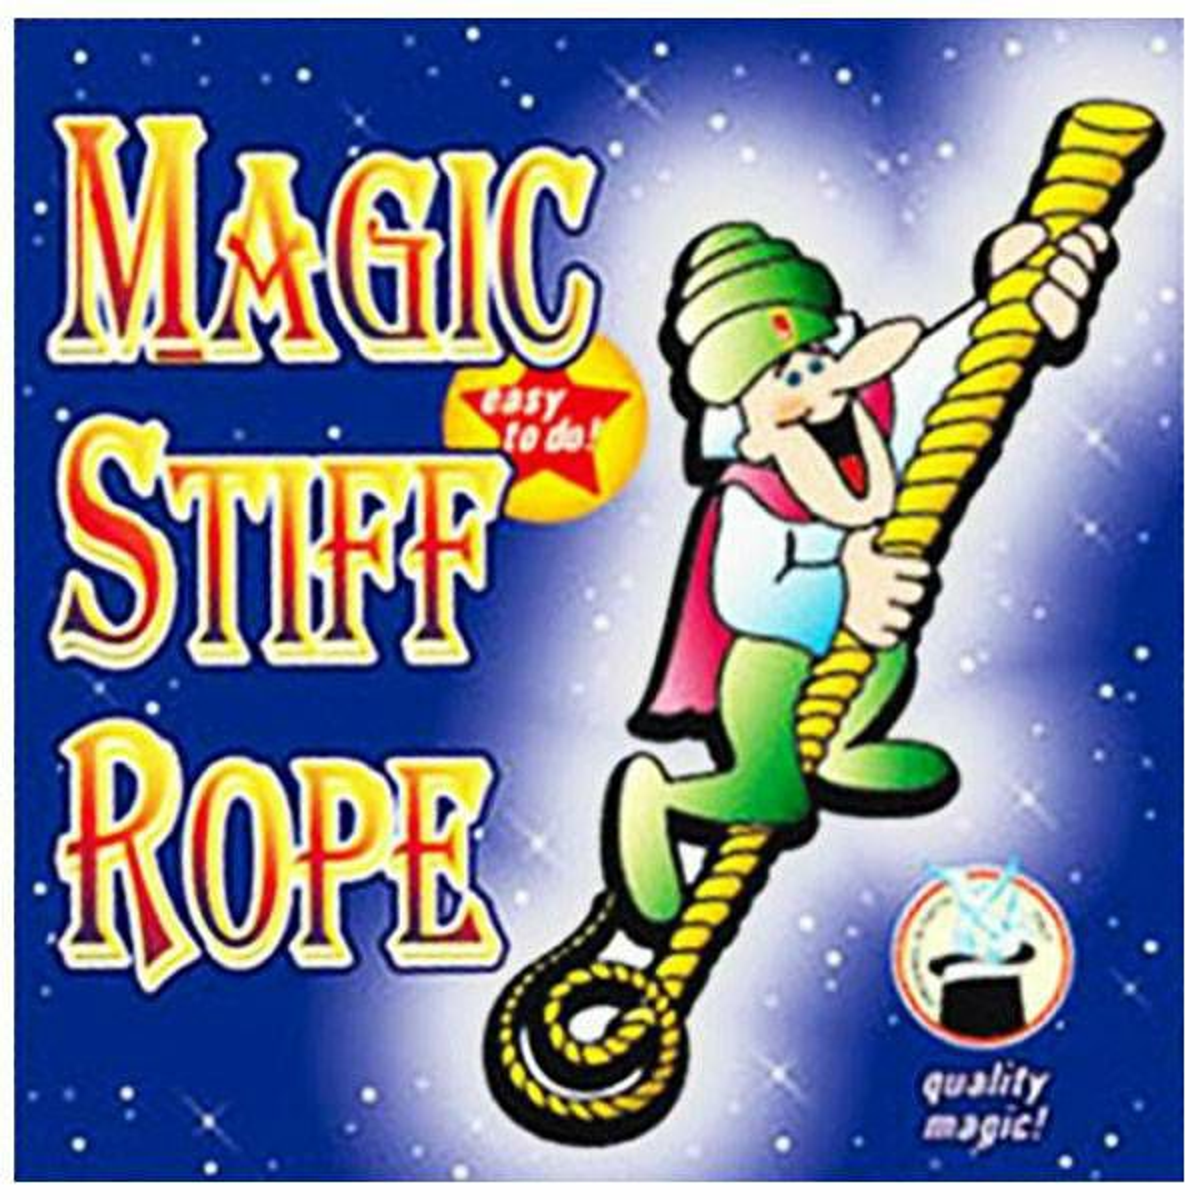 Stiff Rope Yellow